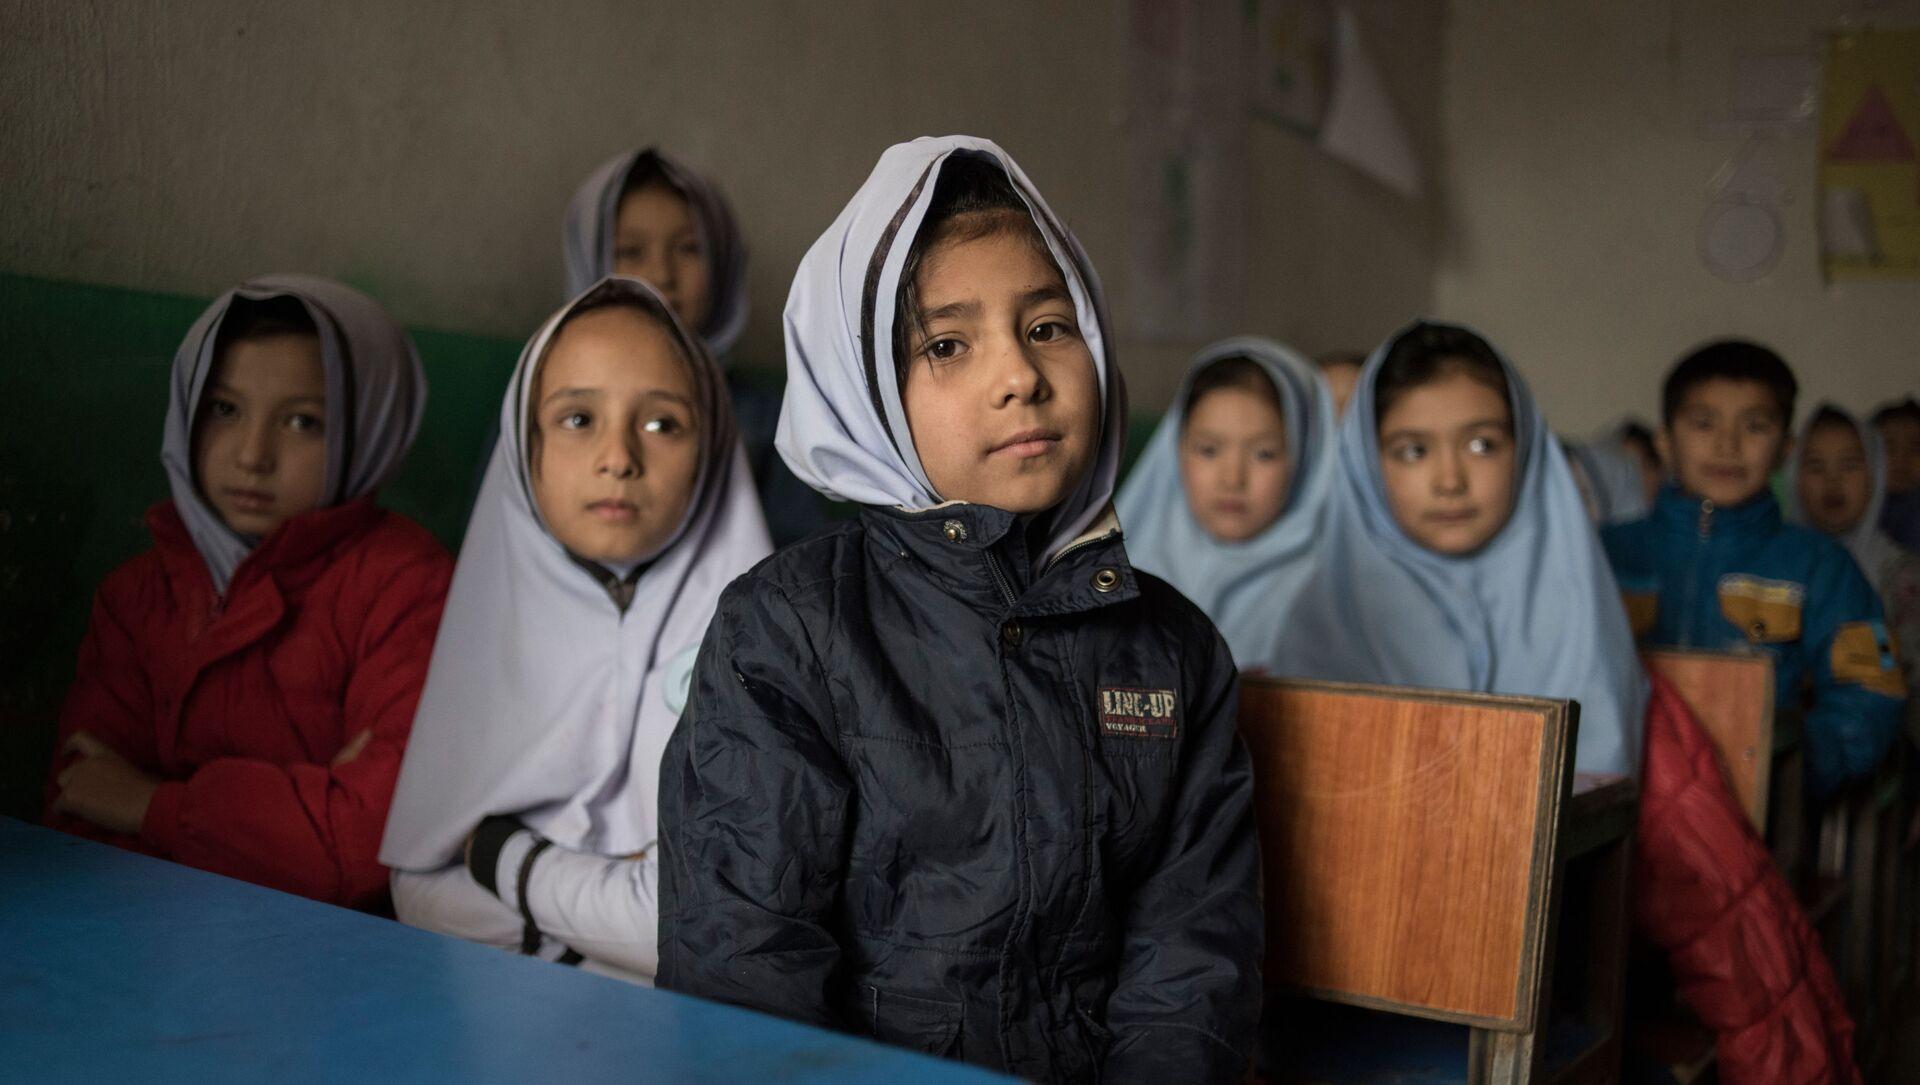 タリバン、女子学生の新たな規則を発表 - Sputnik 日本, 1920, 13.09.2021